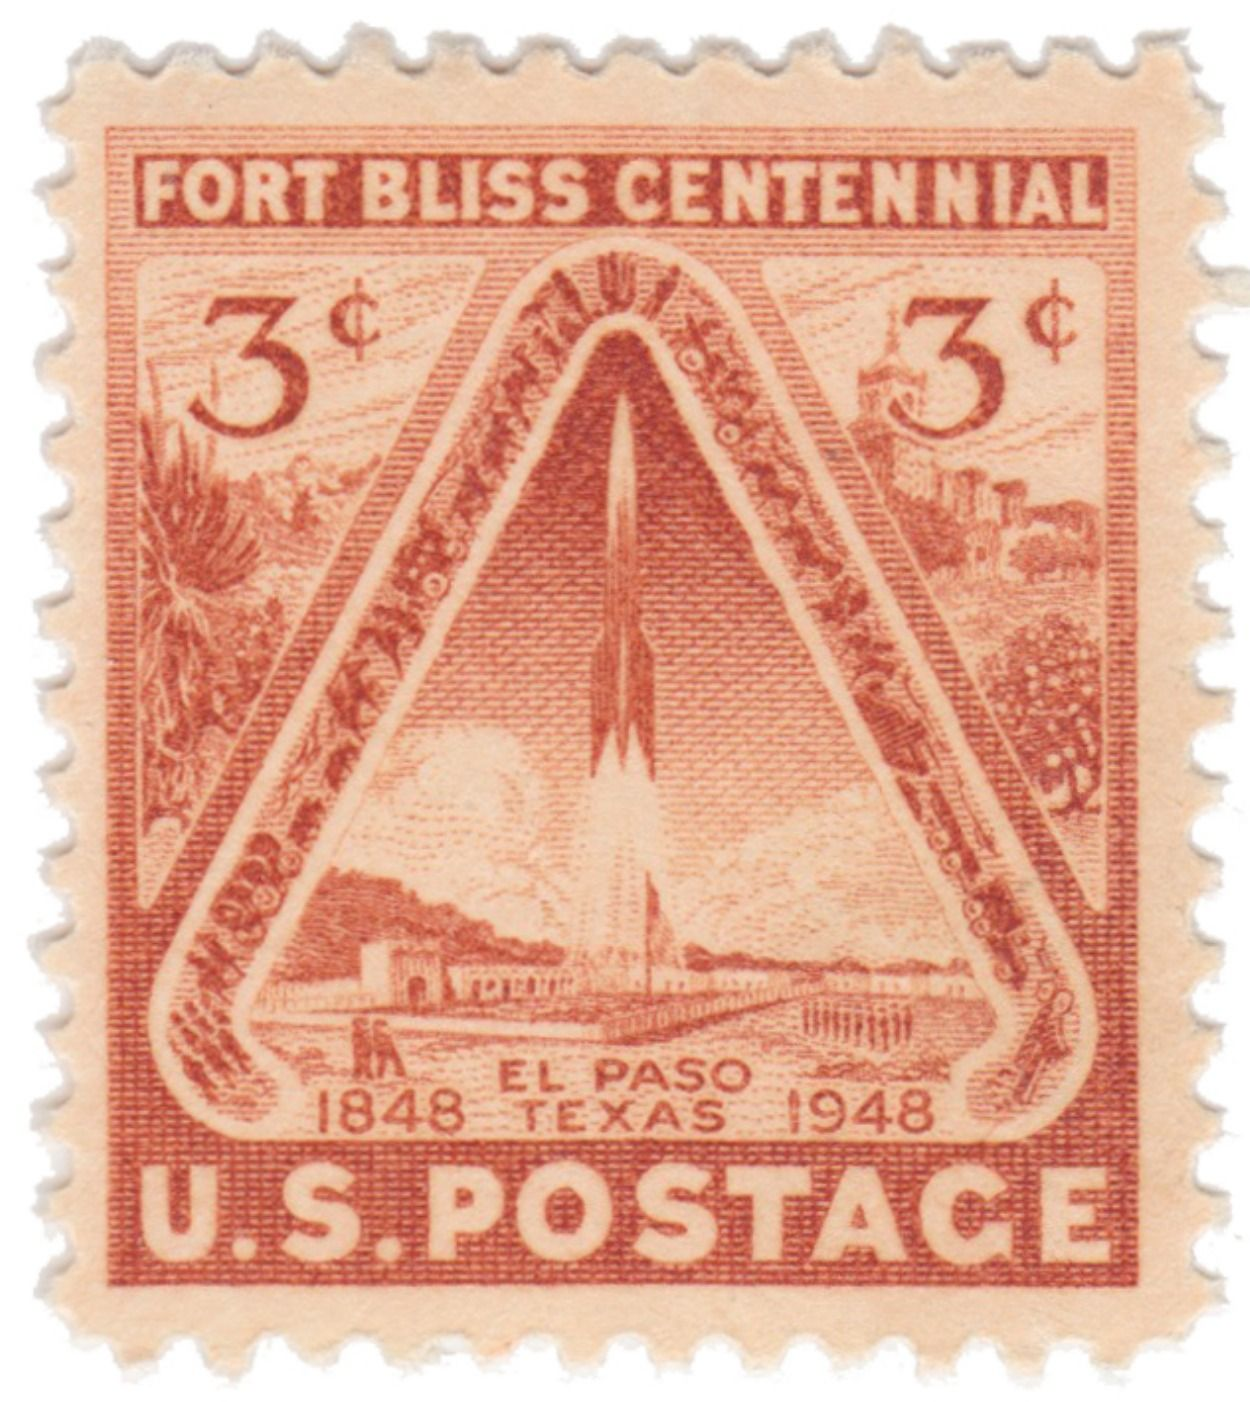 10 Unused Vintage Us Postage Stamps 1948 3c Fort Bliss